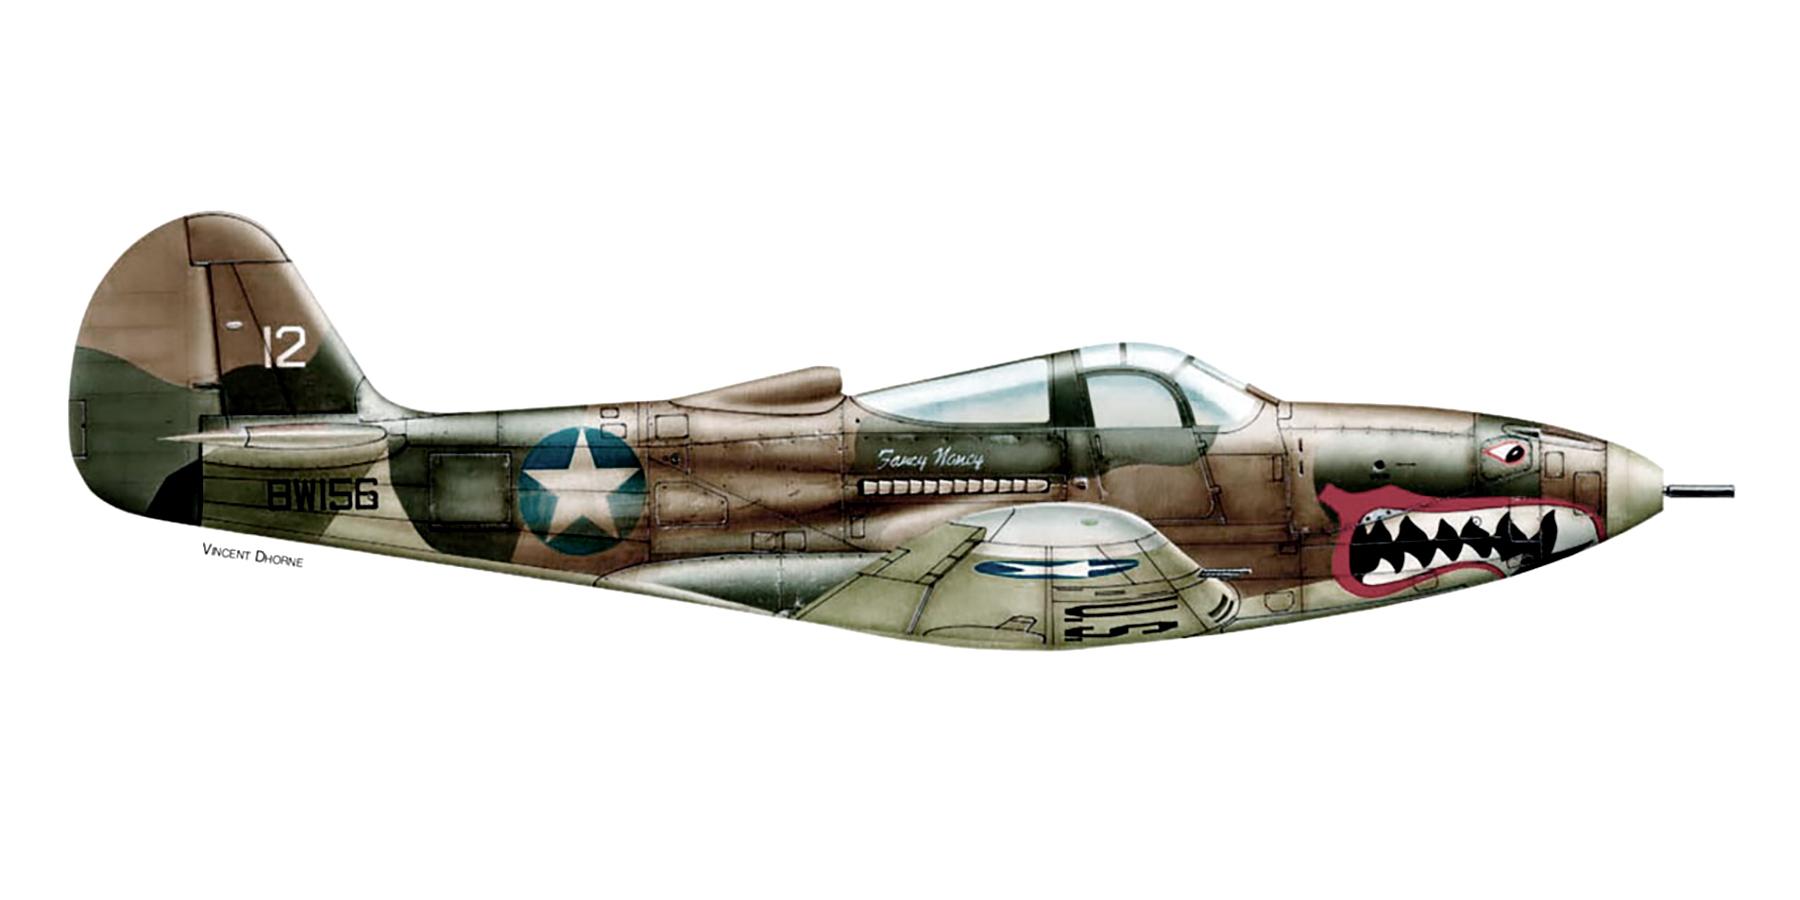 Bell P 400 Aircobra USAAF 347th FG 67th FS White 12 BW156 Henderson Guadalcanal 1942 0A